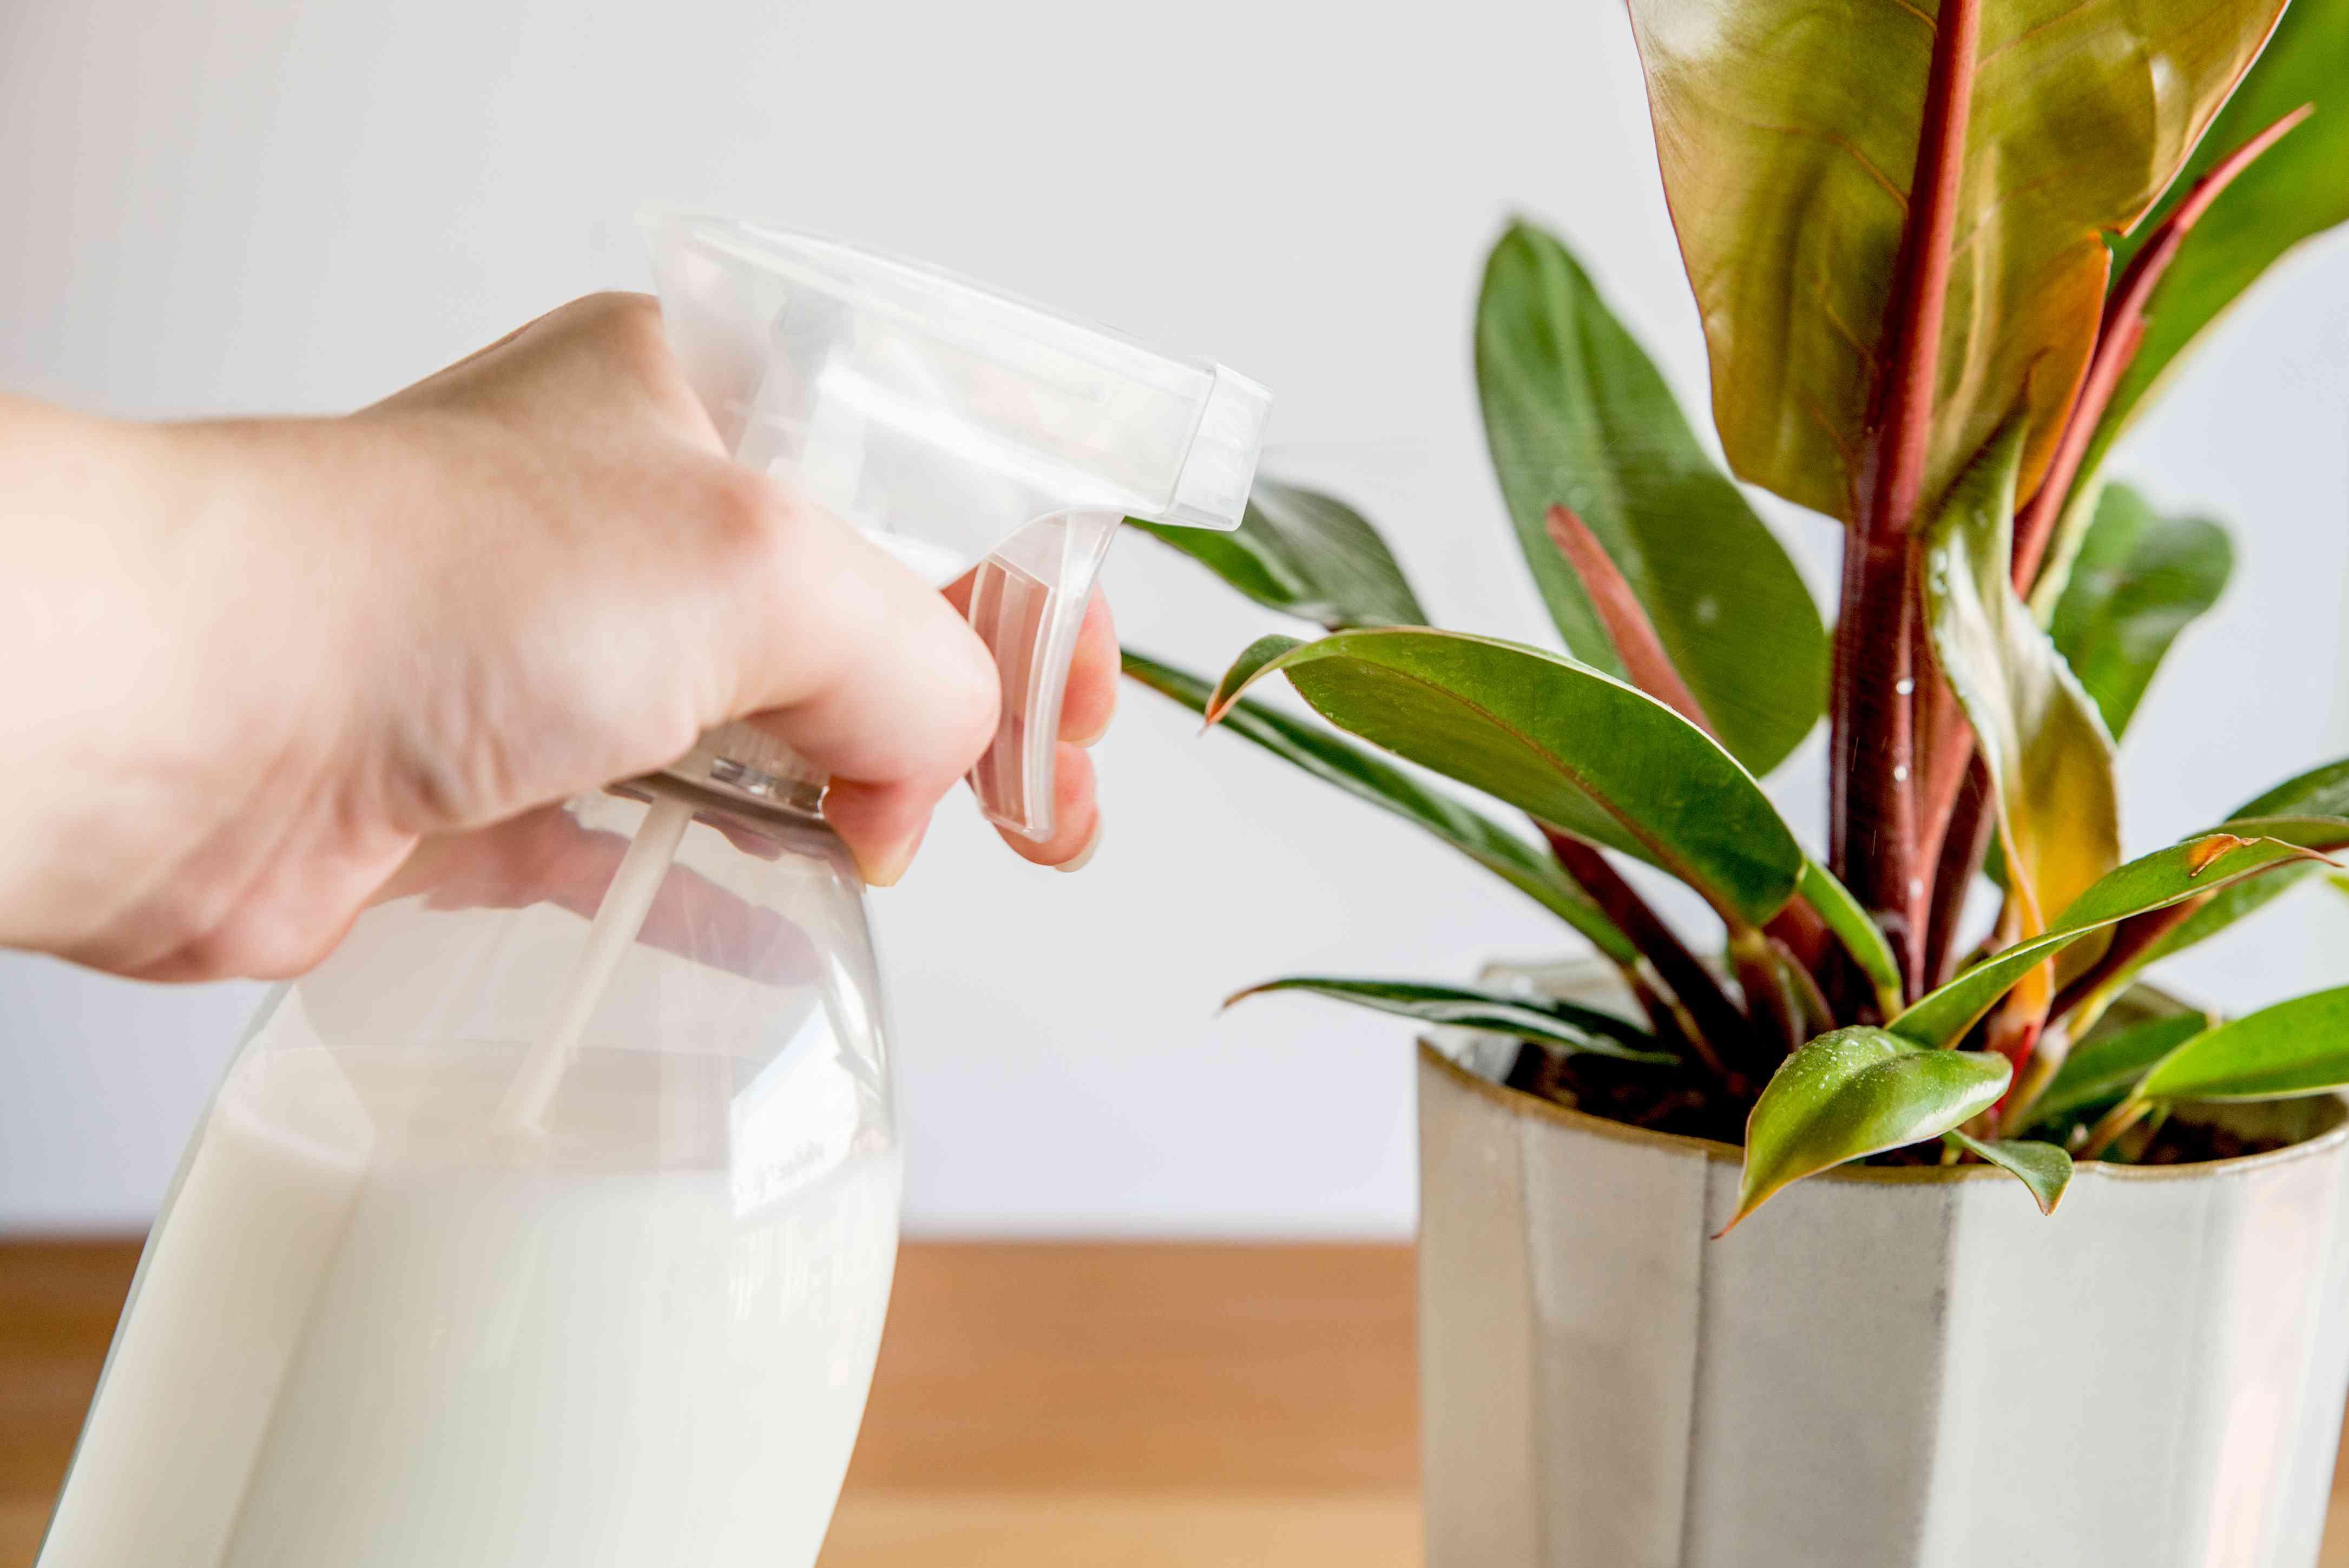 spraying milk spray onto a plant